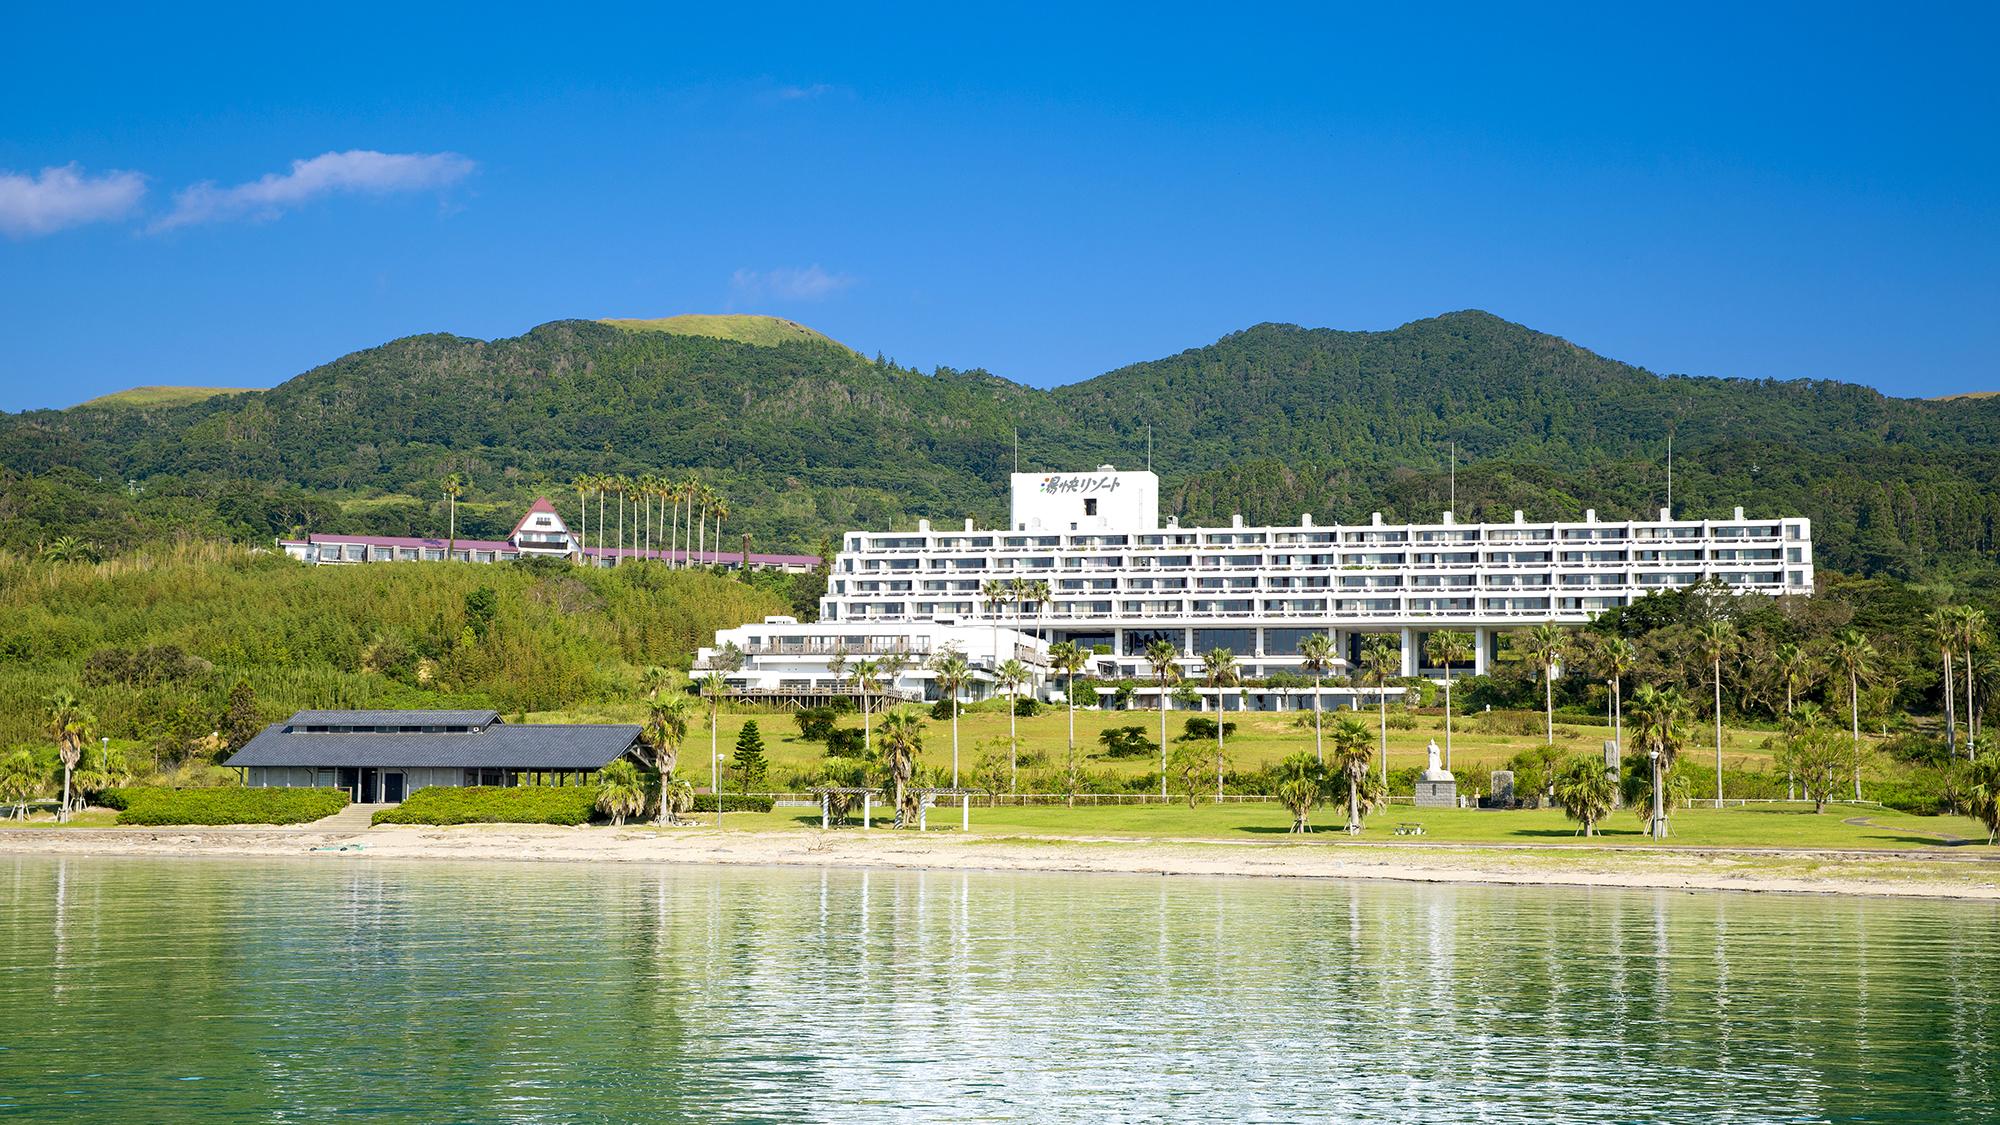 湯快リゾート 平戸千里ヶ浜温泉 ホテル蘭風◆楽天トラベル